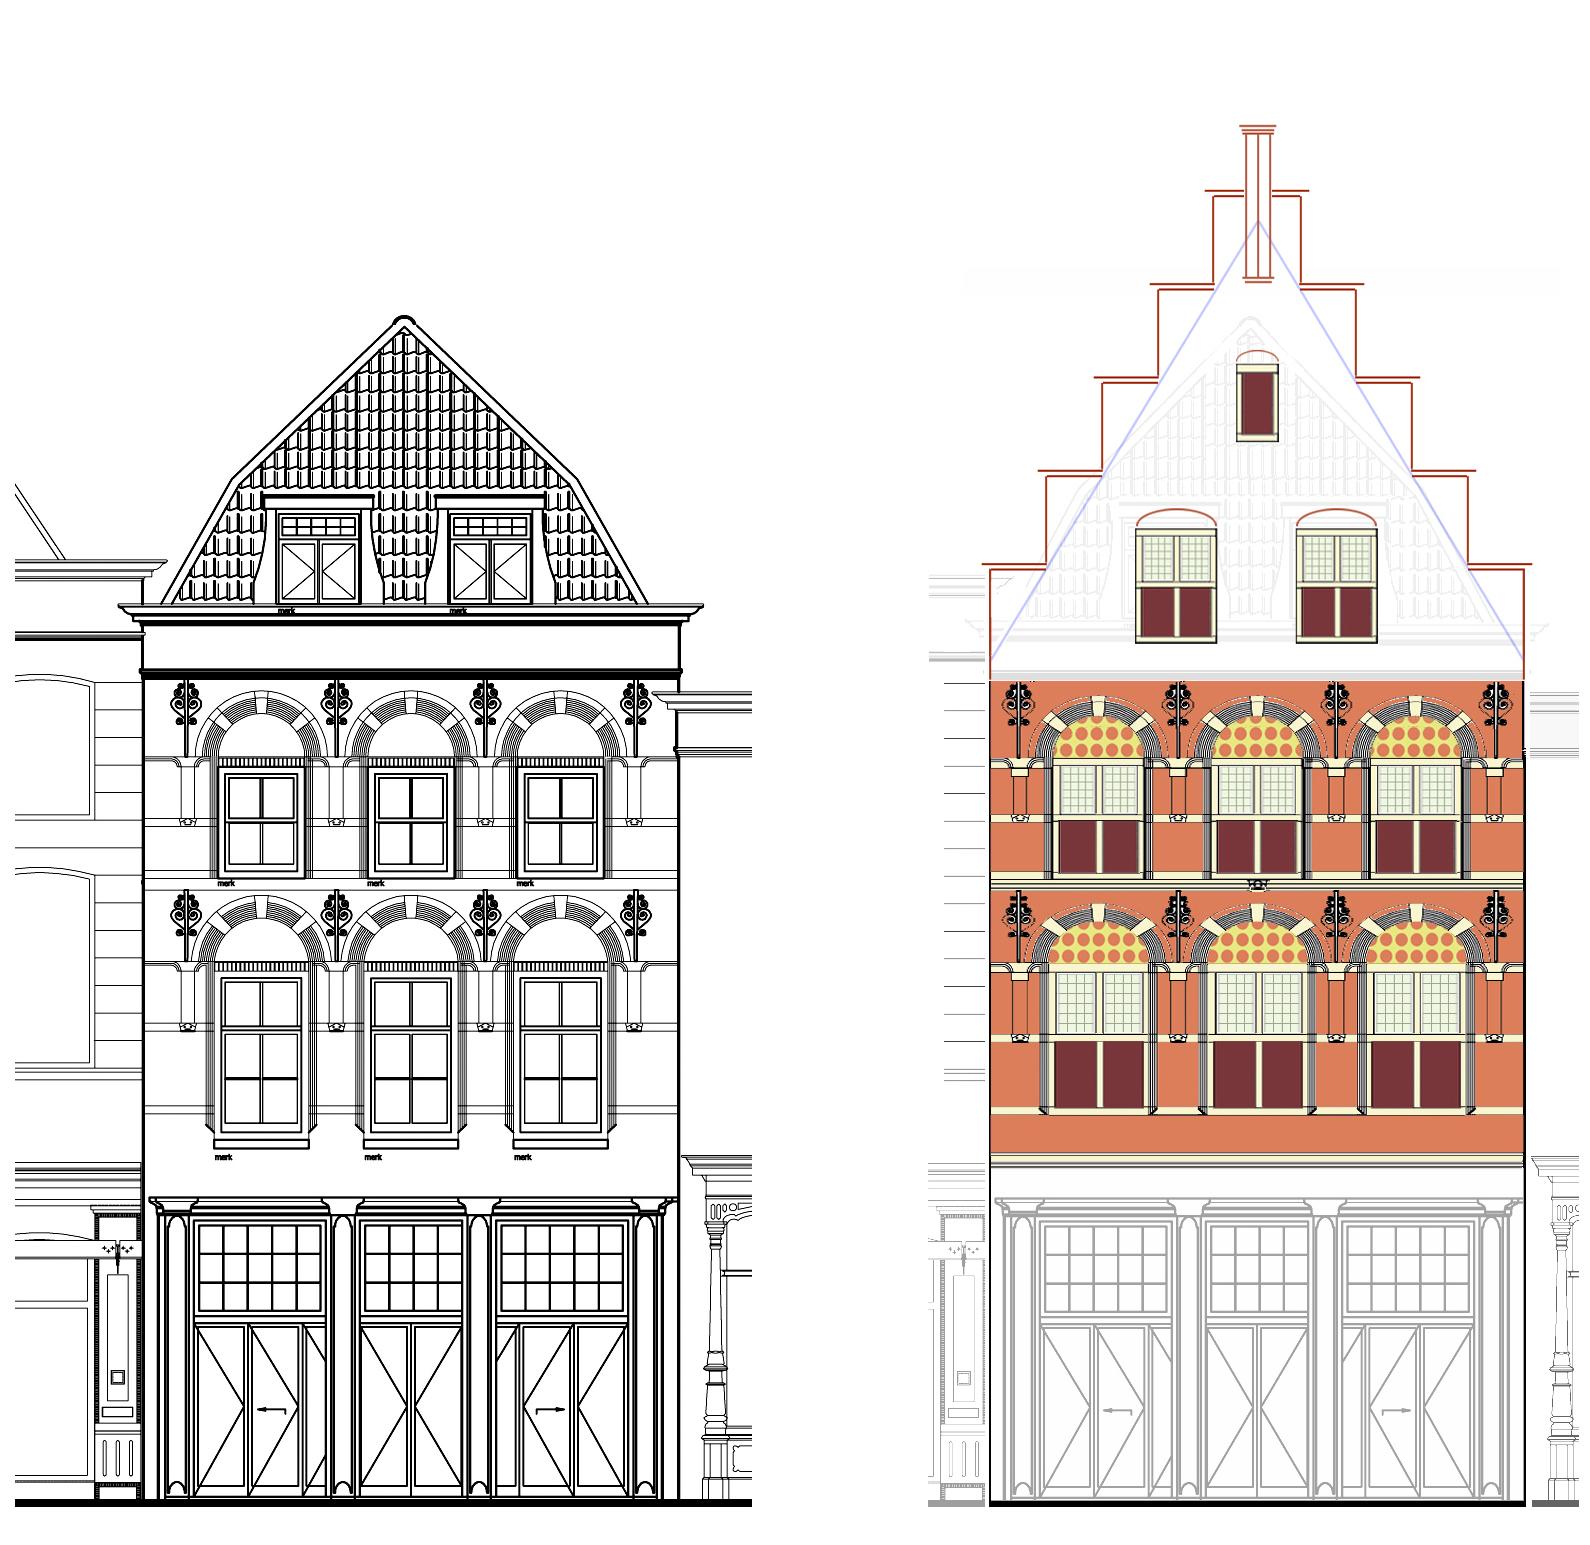 Nieuwsarchief veerman bouwhistorie for Huizen tekenen